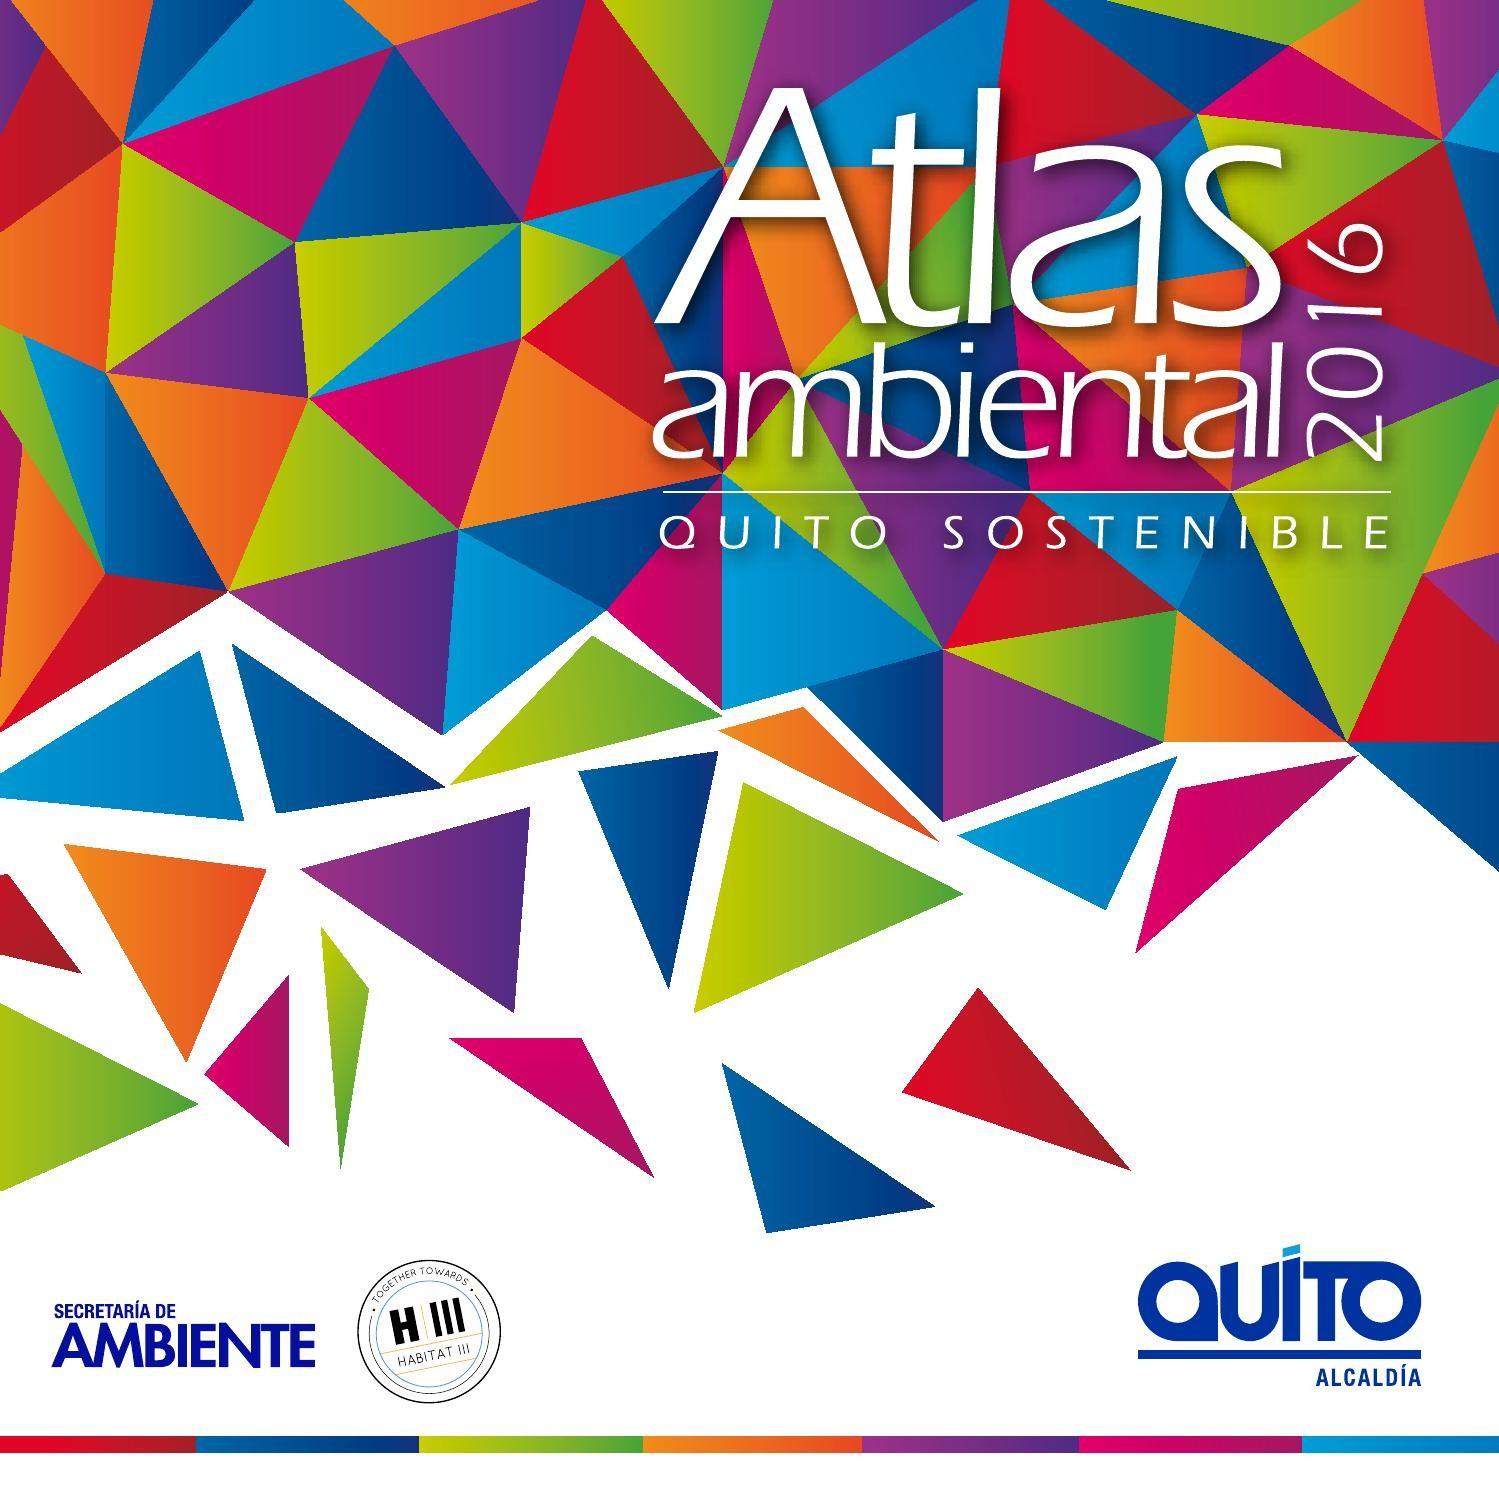 Calendario Escolar 2018 Y 2019 Sep 195 Dias Pdf Más Recientes atlas Ambiental 2016 Quito sostenible by Santiago Avila issuu